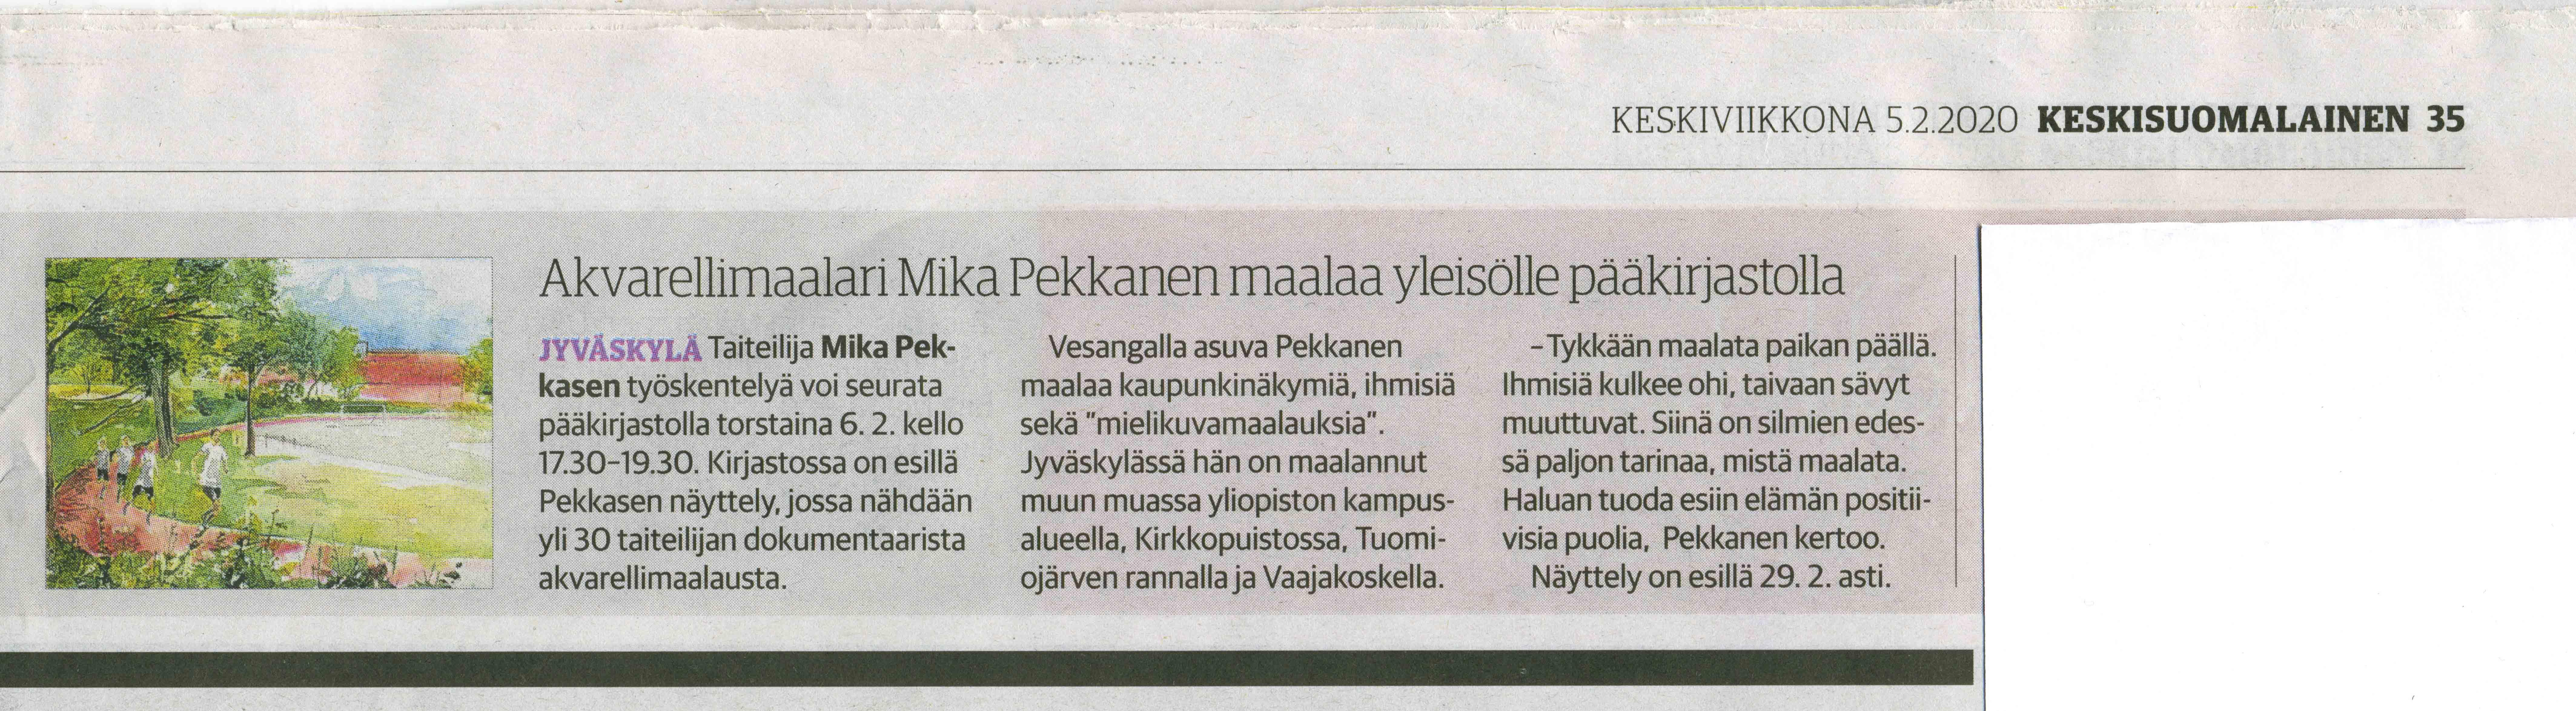 Keskisuomalaisessa 5.2.2020 Infoa live-maalauksesta ja näyttelystä Jyväskylän pääkirjastolla